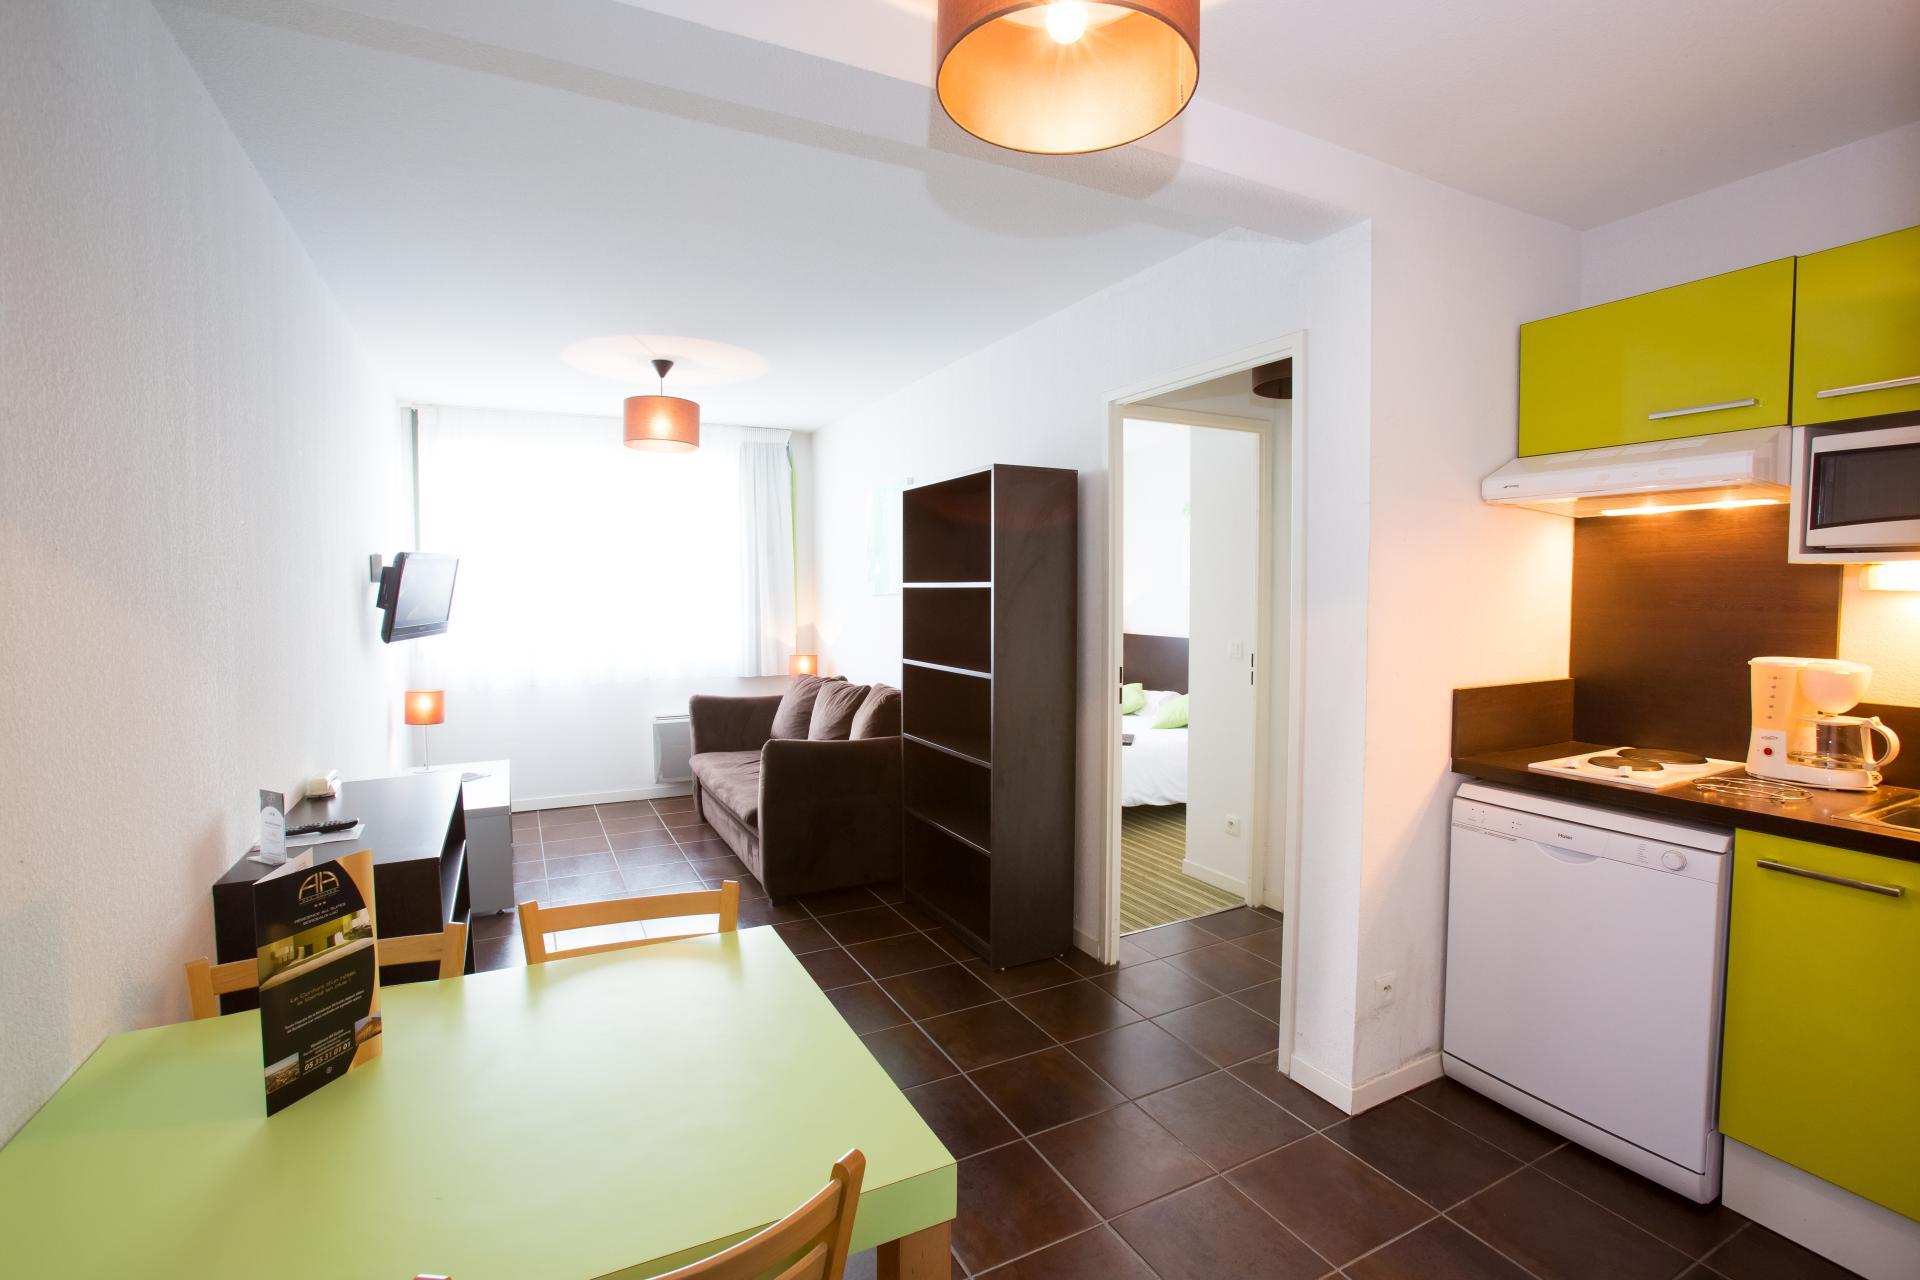 Résidence secondaire avec location appartement Rouen